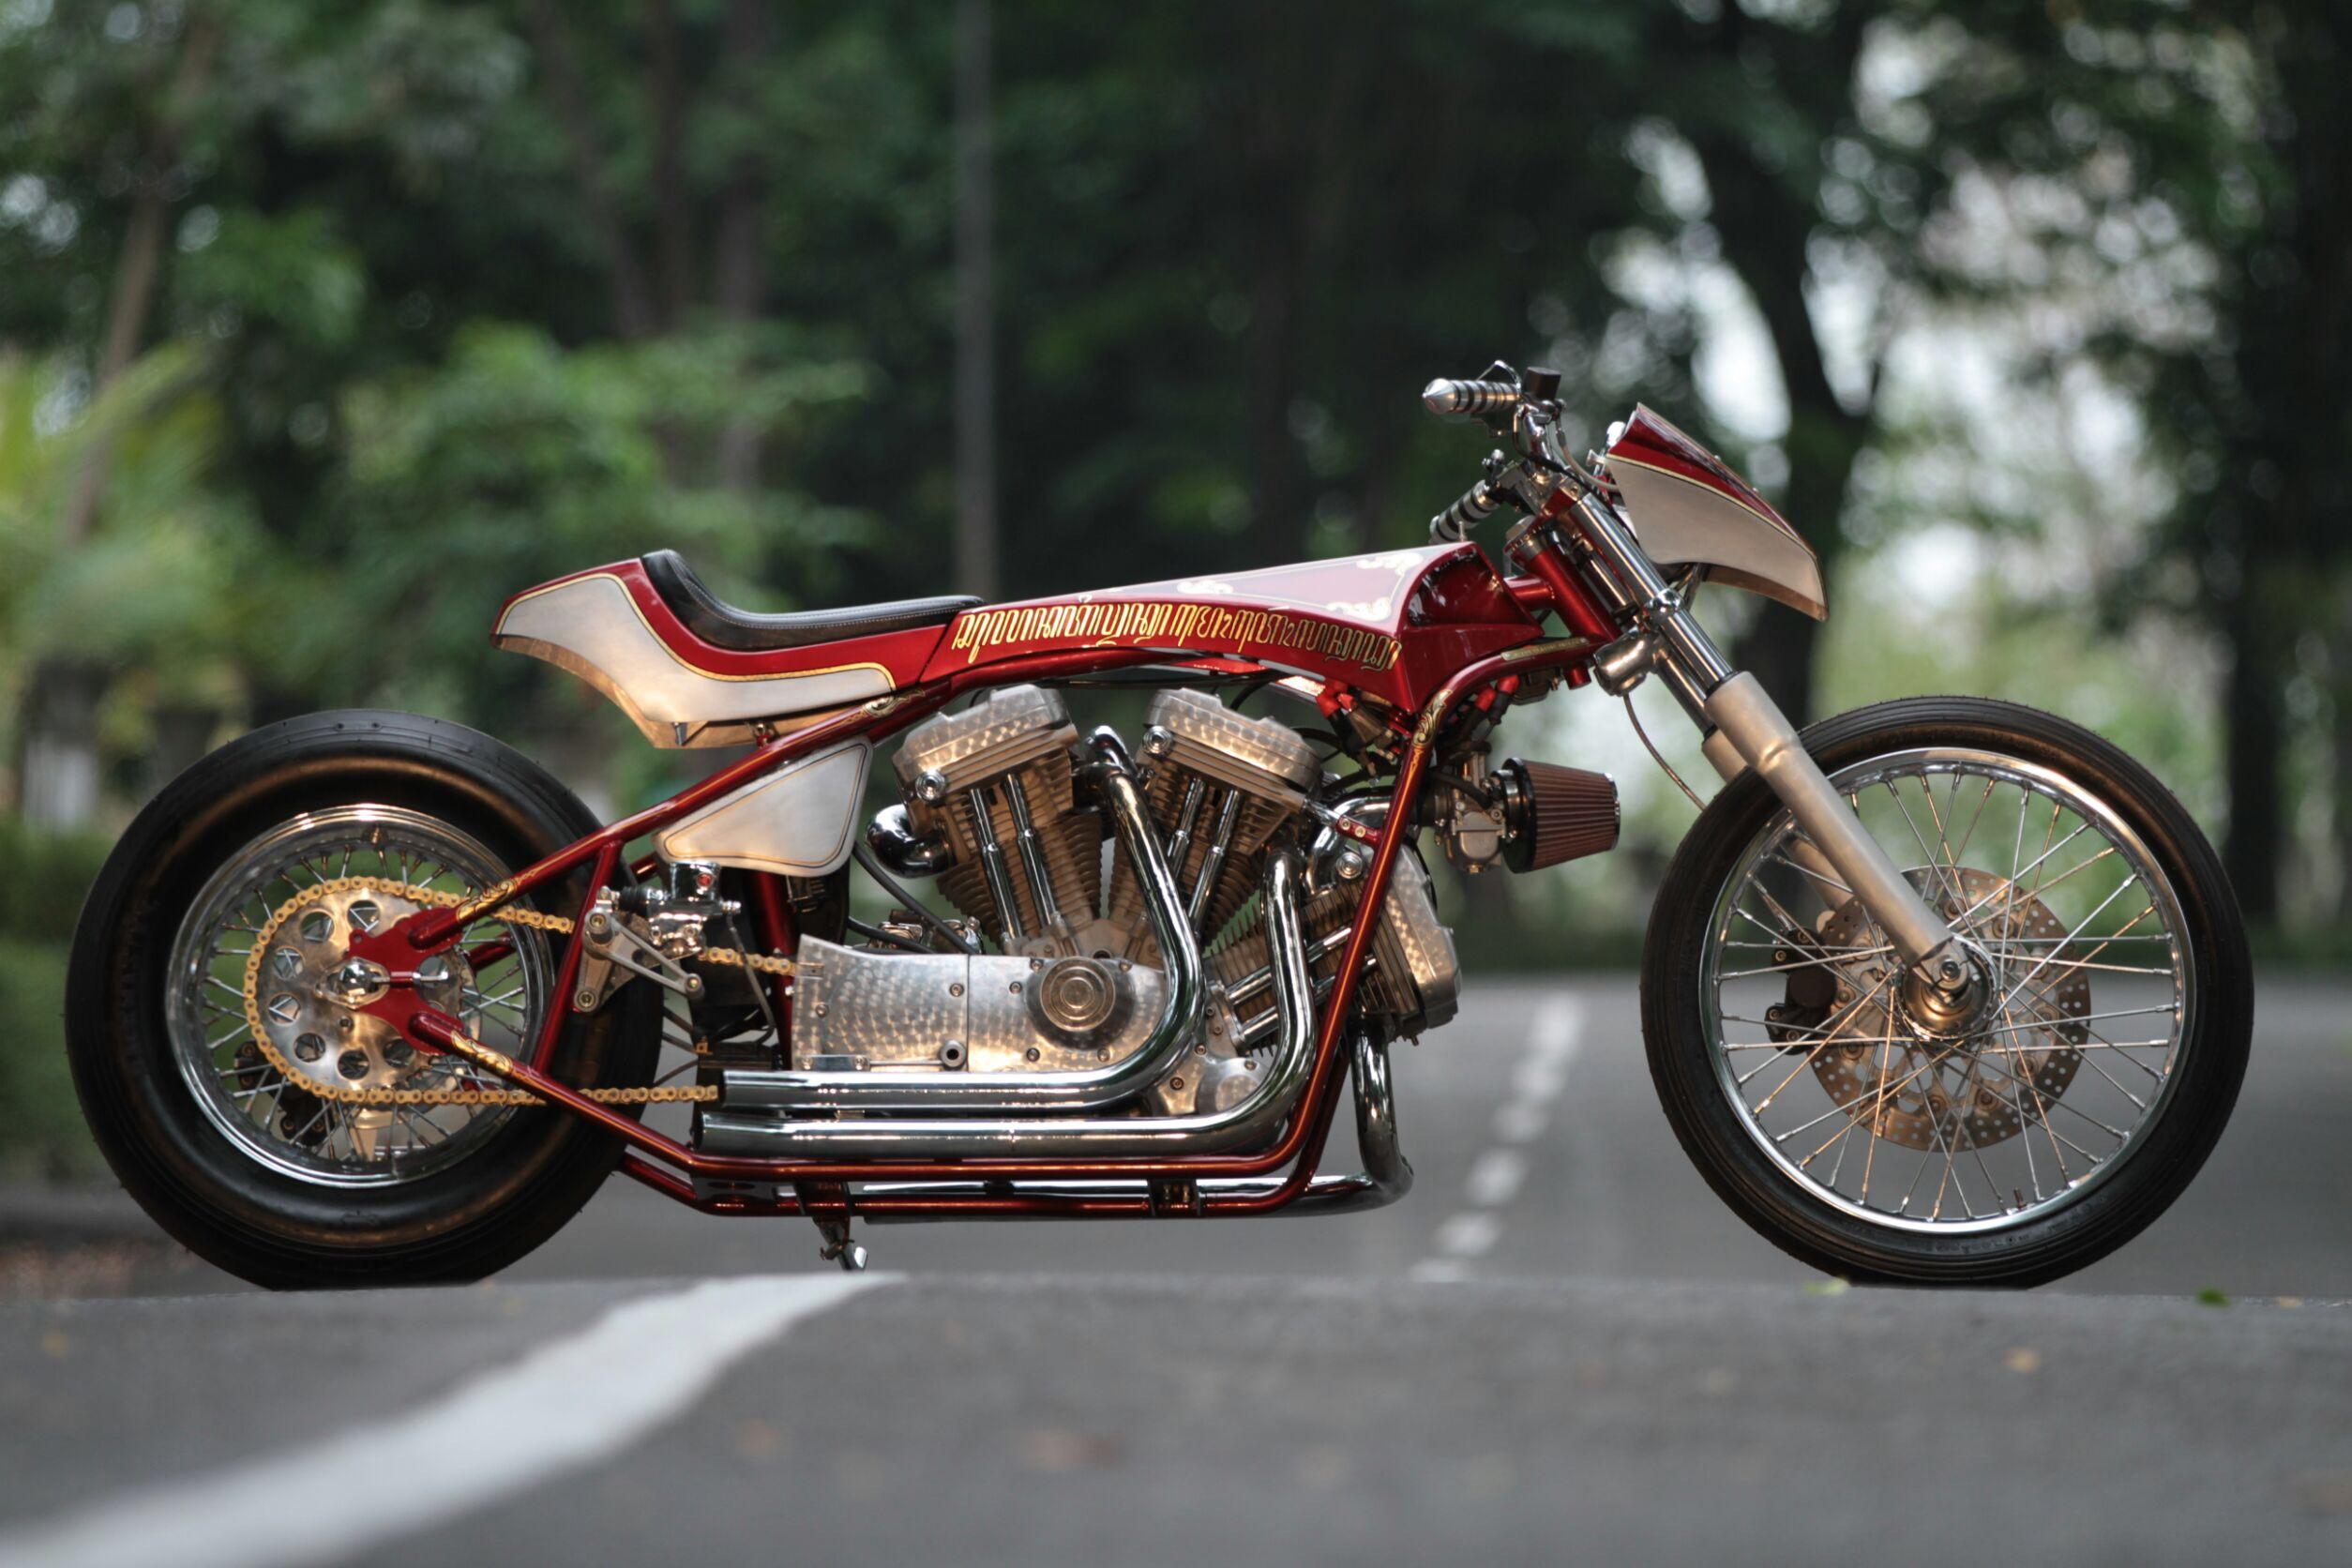 Iconic Bike Suryanation Motorland